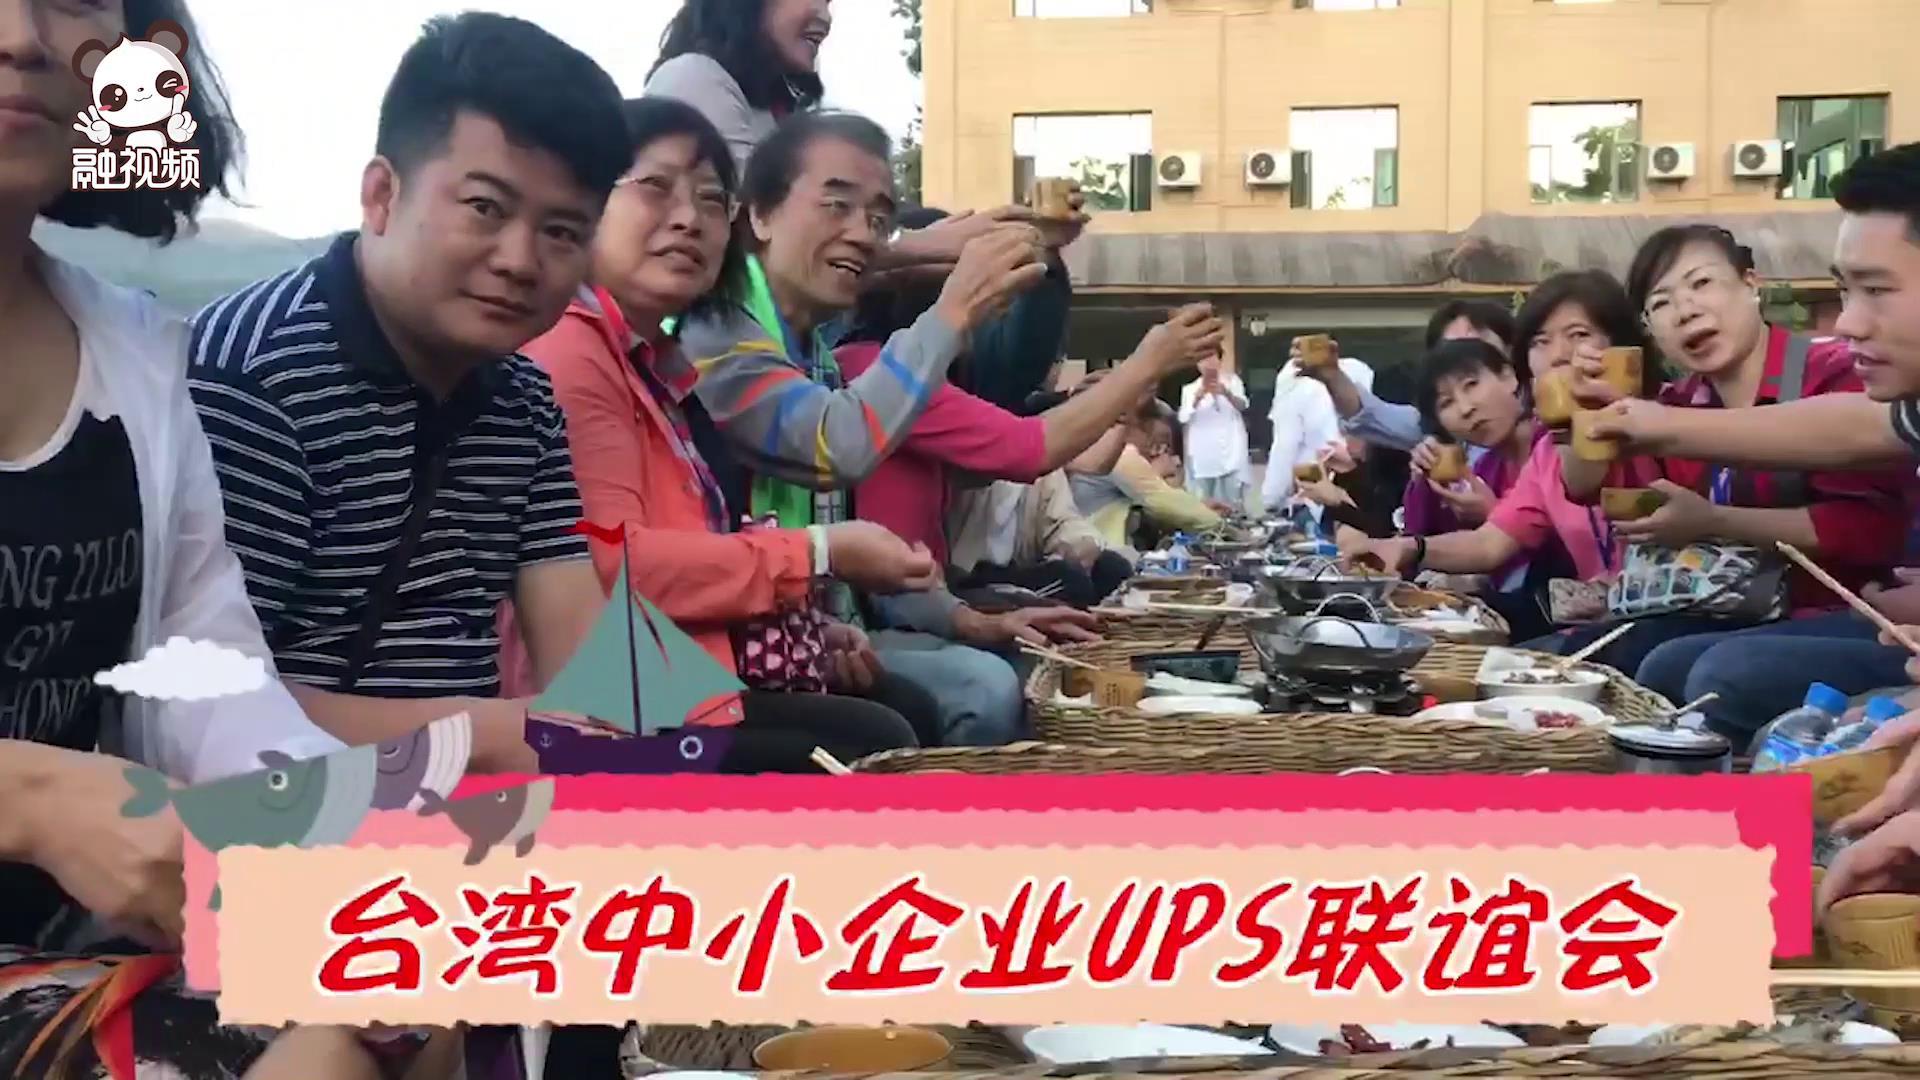 """台湾中小企业UPS联谊会:云南元阳体验哈尼族""""长街宴""""图片"""